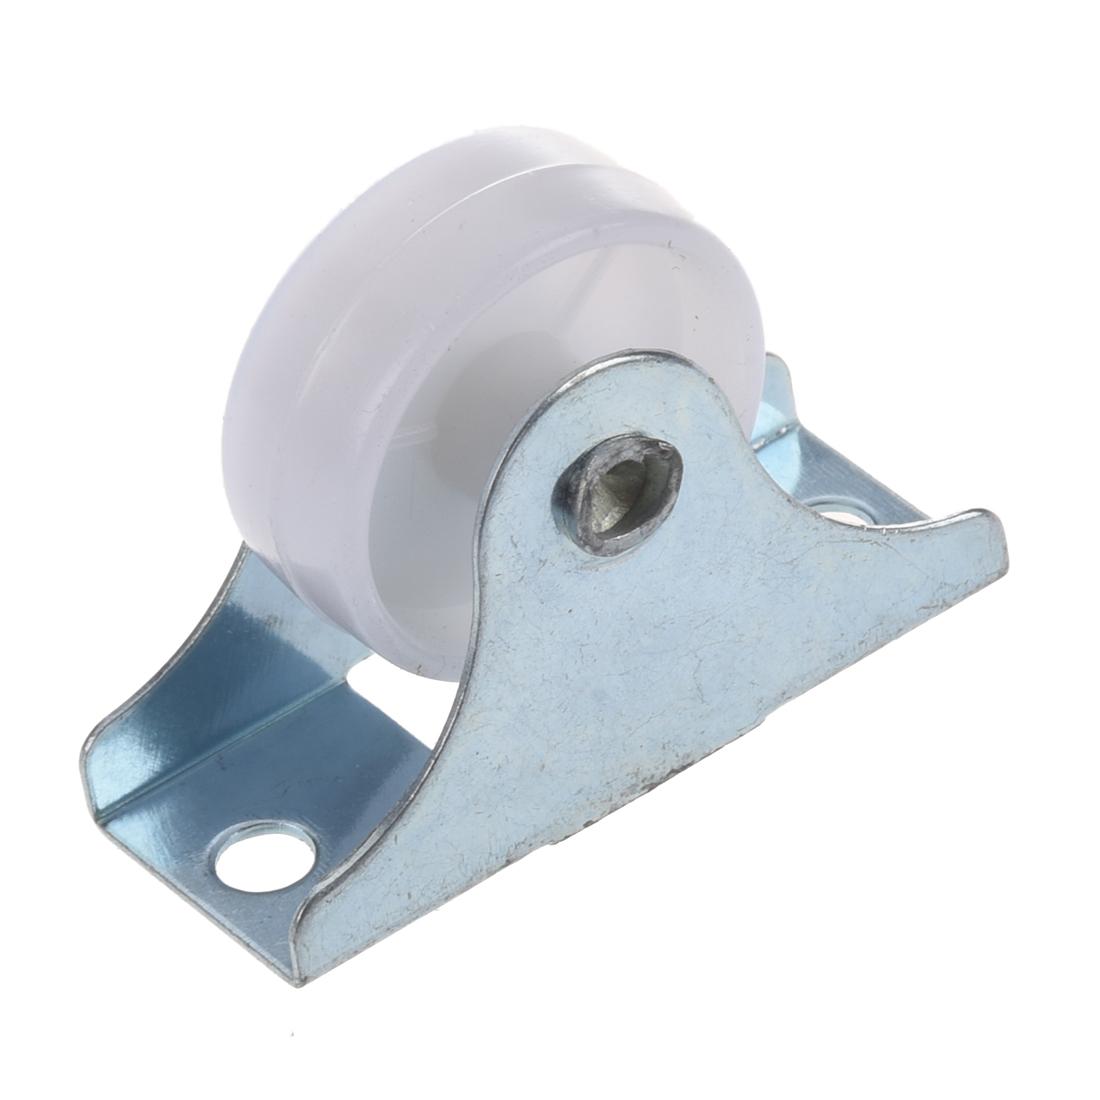 4pcs Practical White Plastic25mm Diameter Furniture